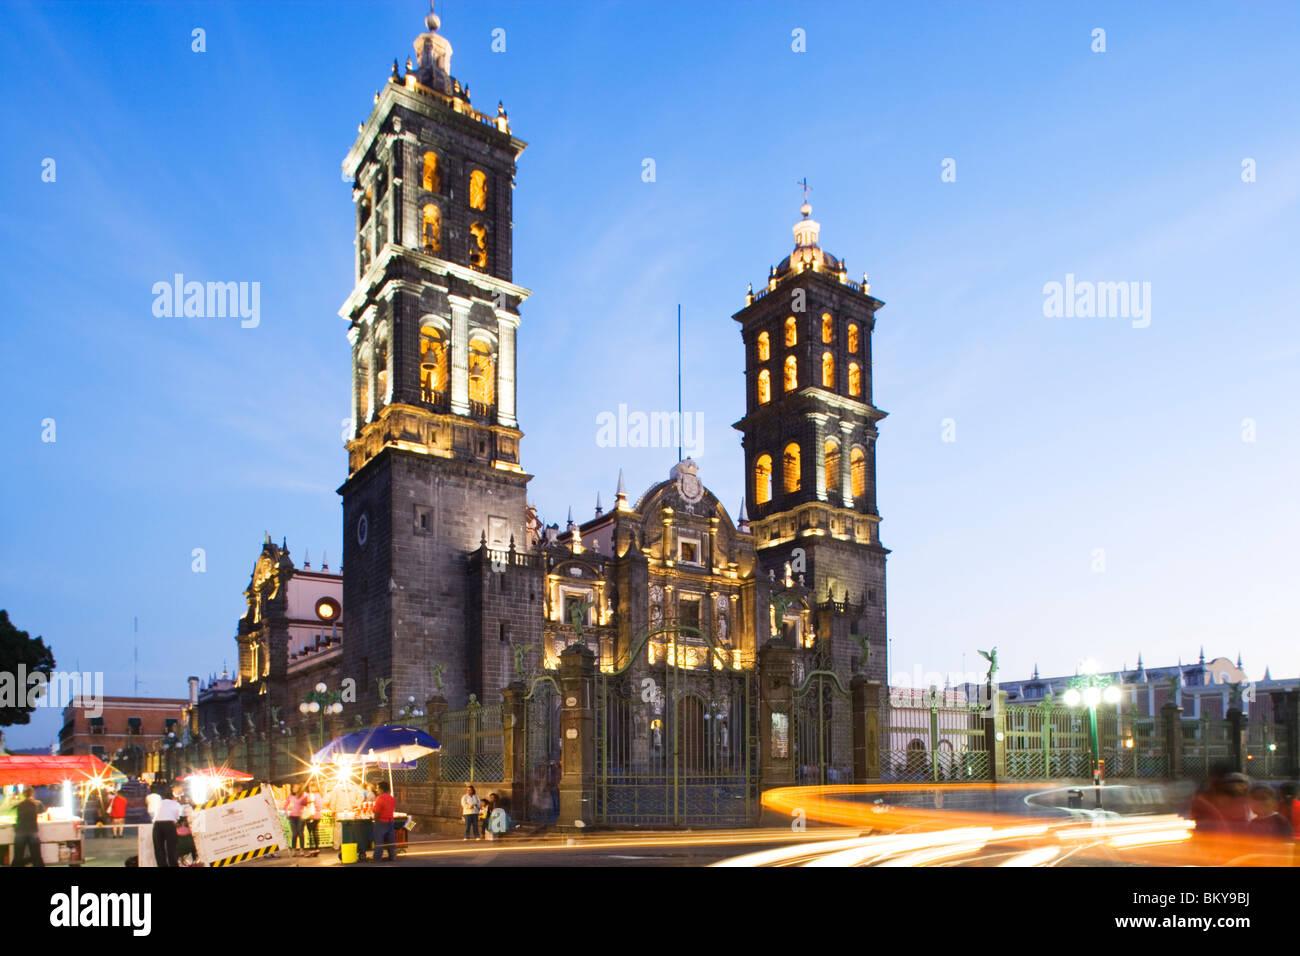 Cathedral de Puebla, dedicated to the Immaculate Conception, Heroica Puebla de Zaragoza, also known as Puebla is - Stock Image